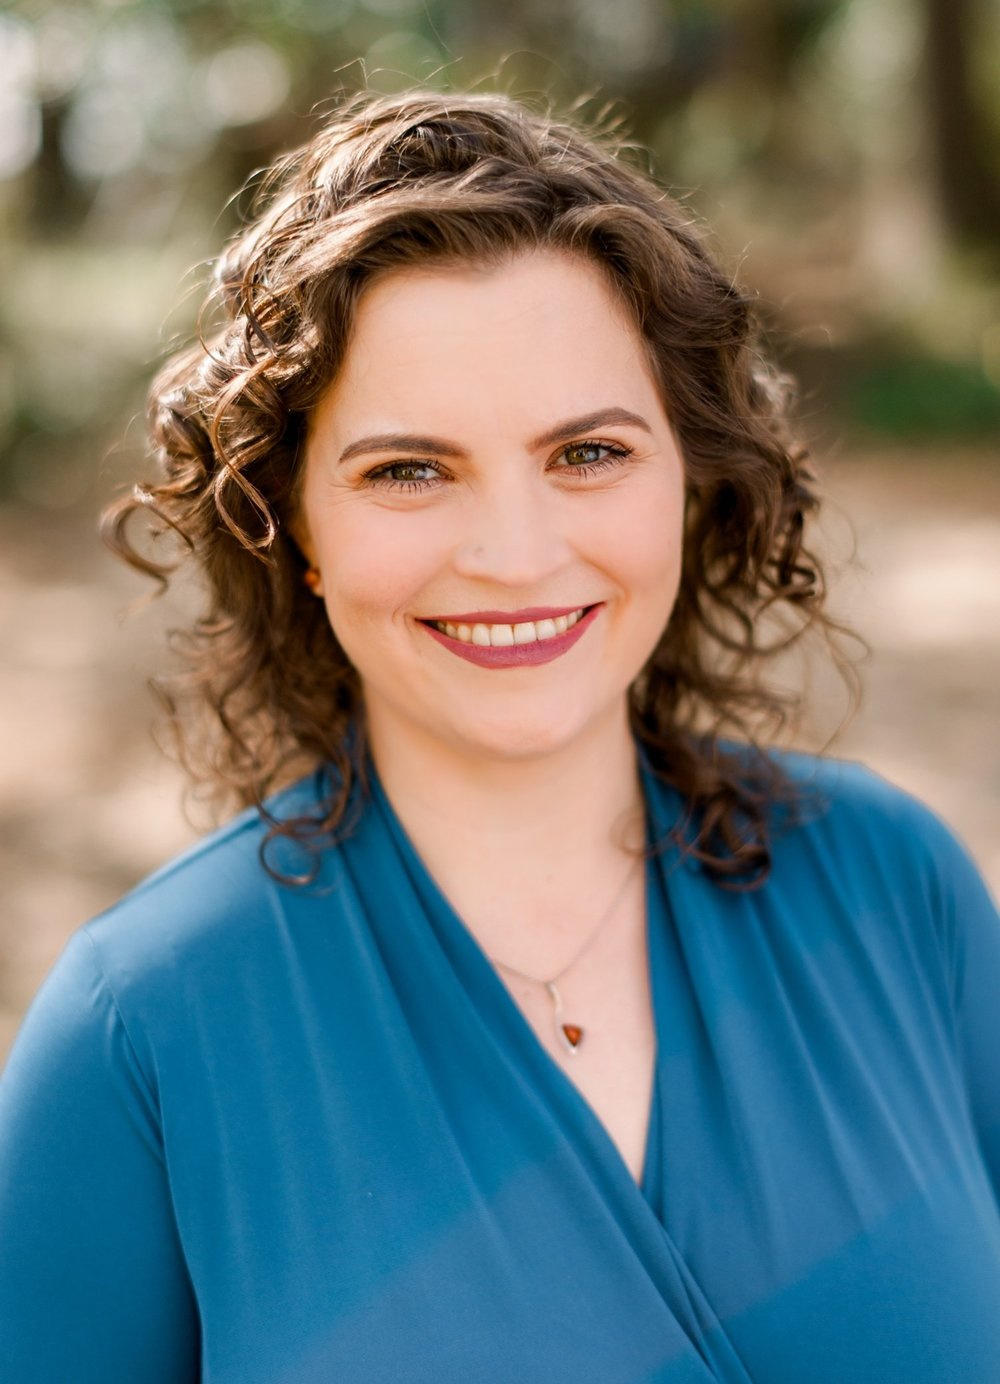 Annette Adamska, Founder